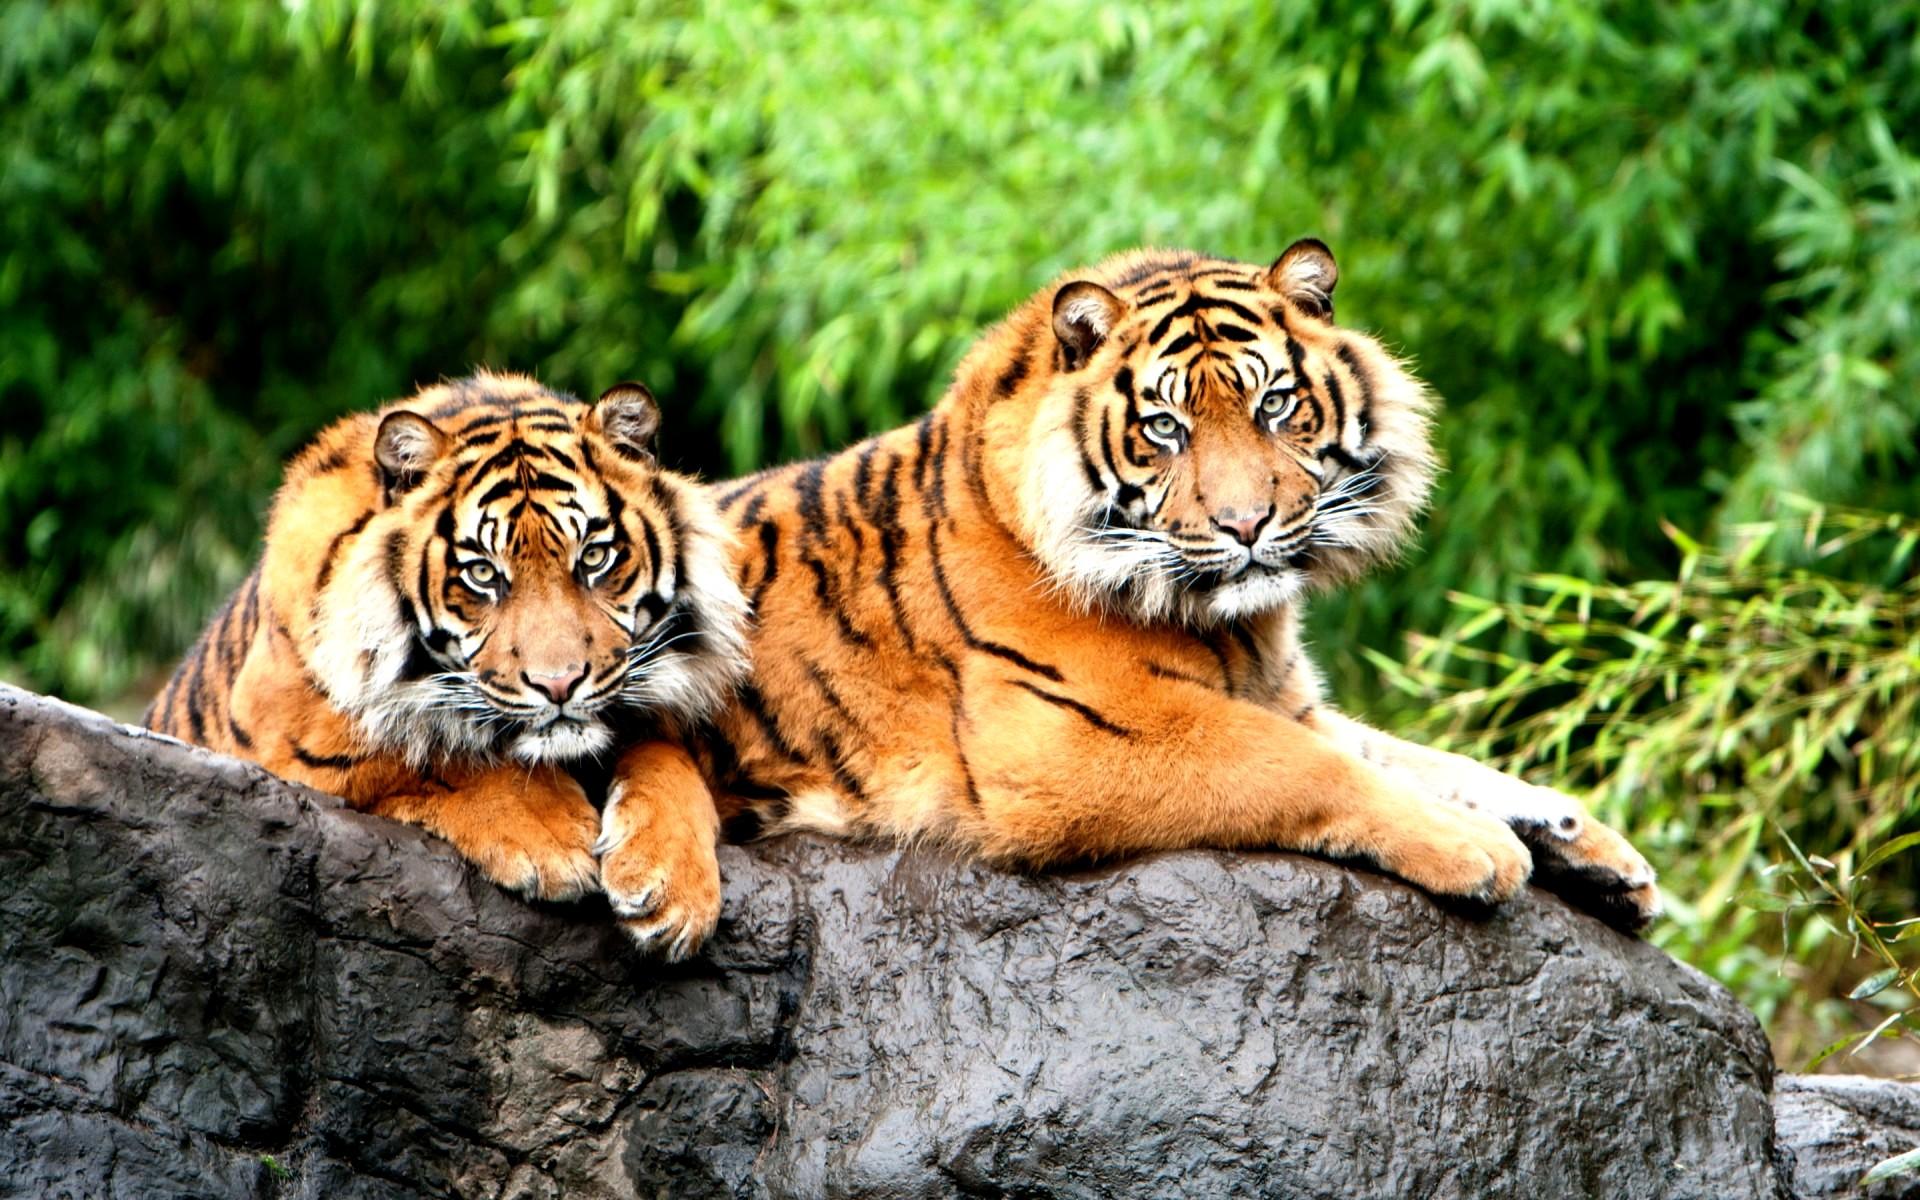 Картинка Тигры » Тигры » Животные ...: www.kartinki24.ru/kartinki/tigers/23111.html